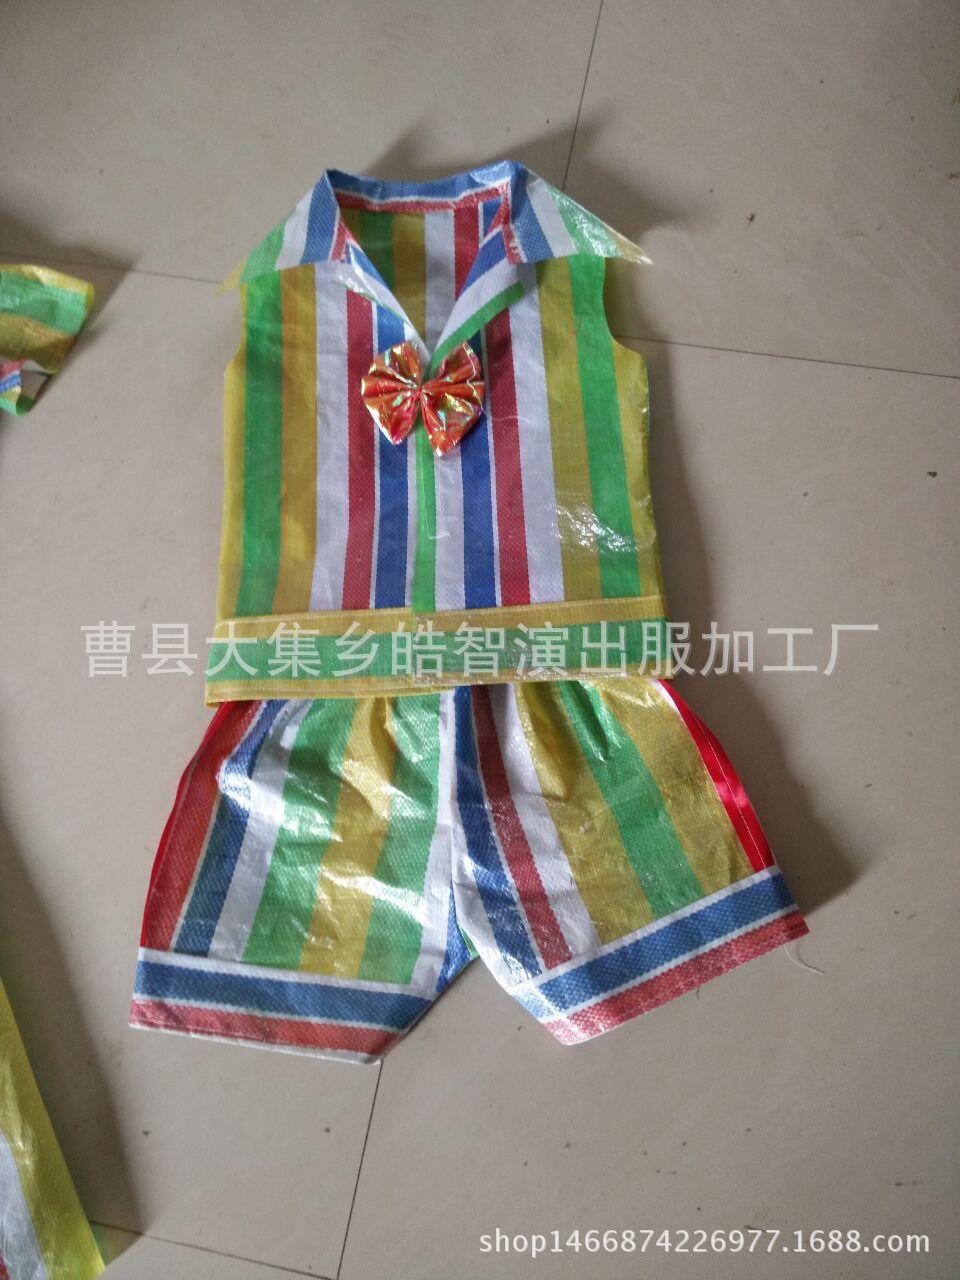 塑料袋制作衣服_汉服男童制作图_小制作大全